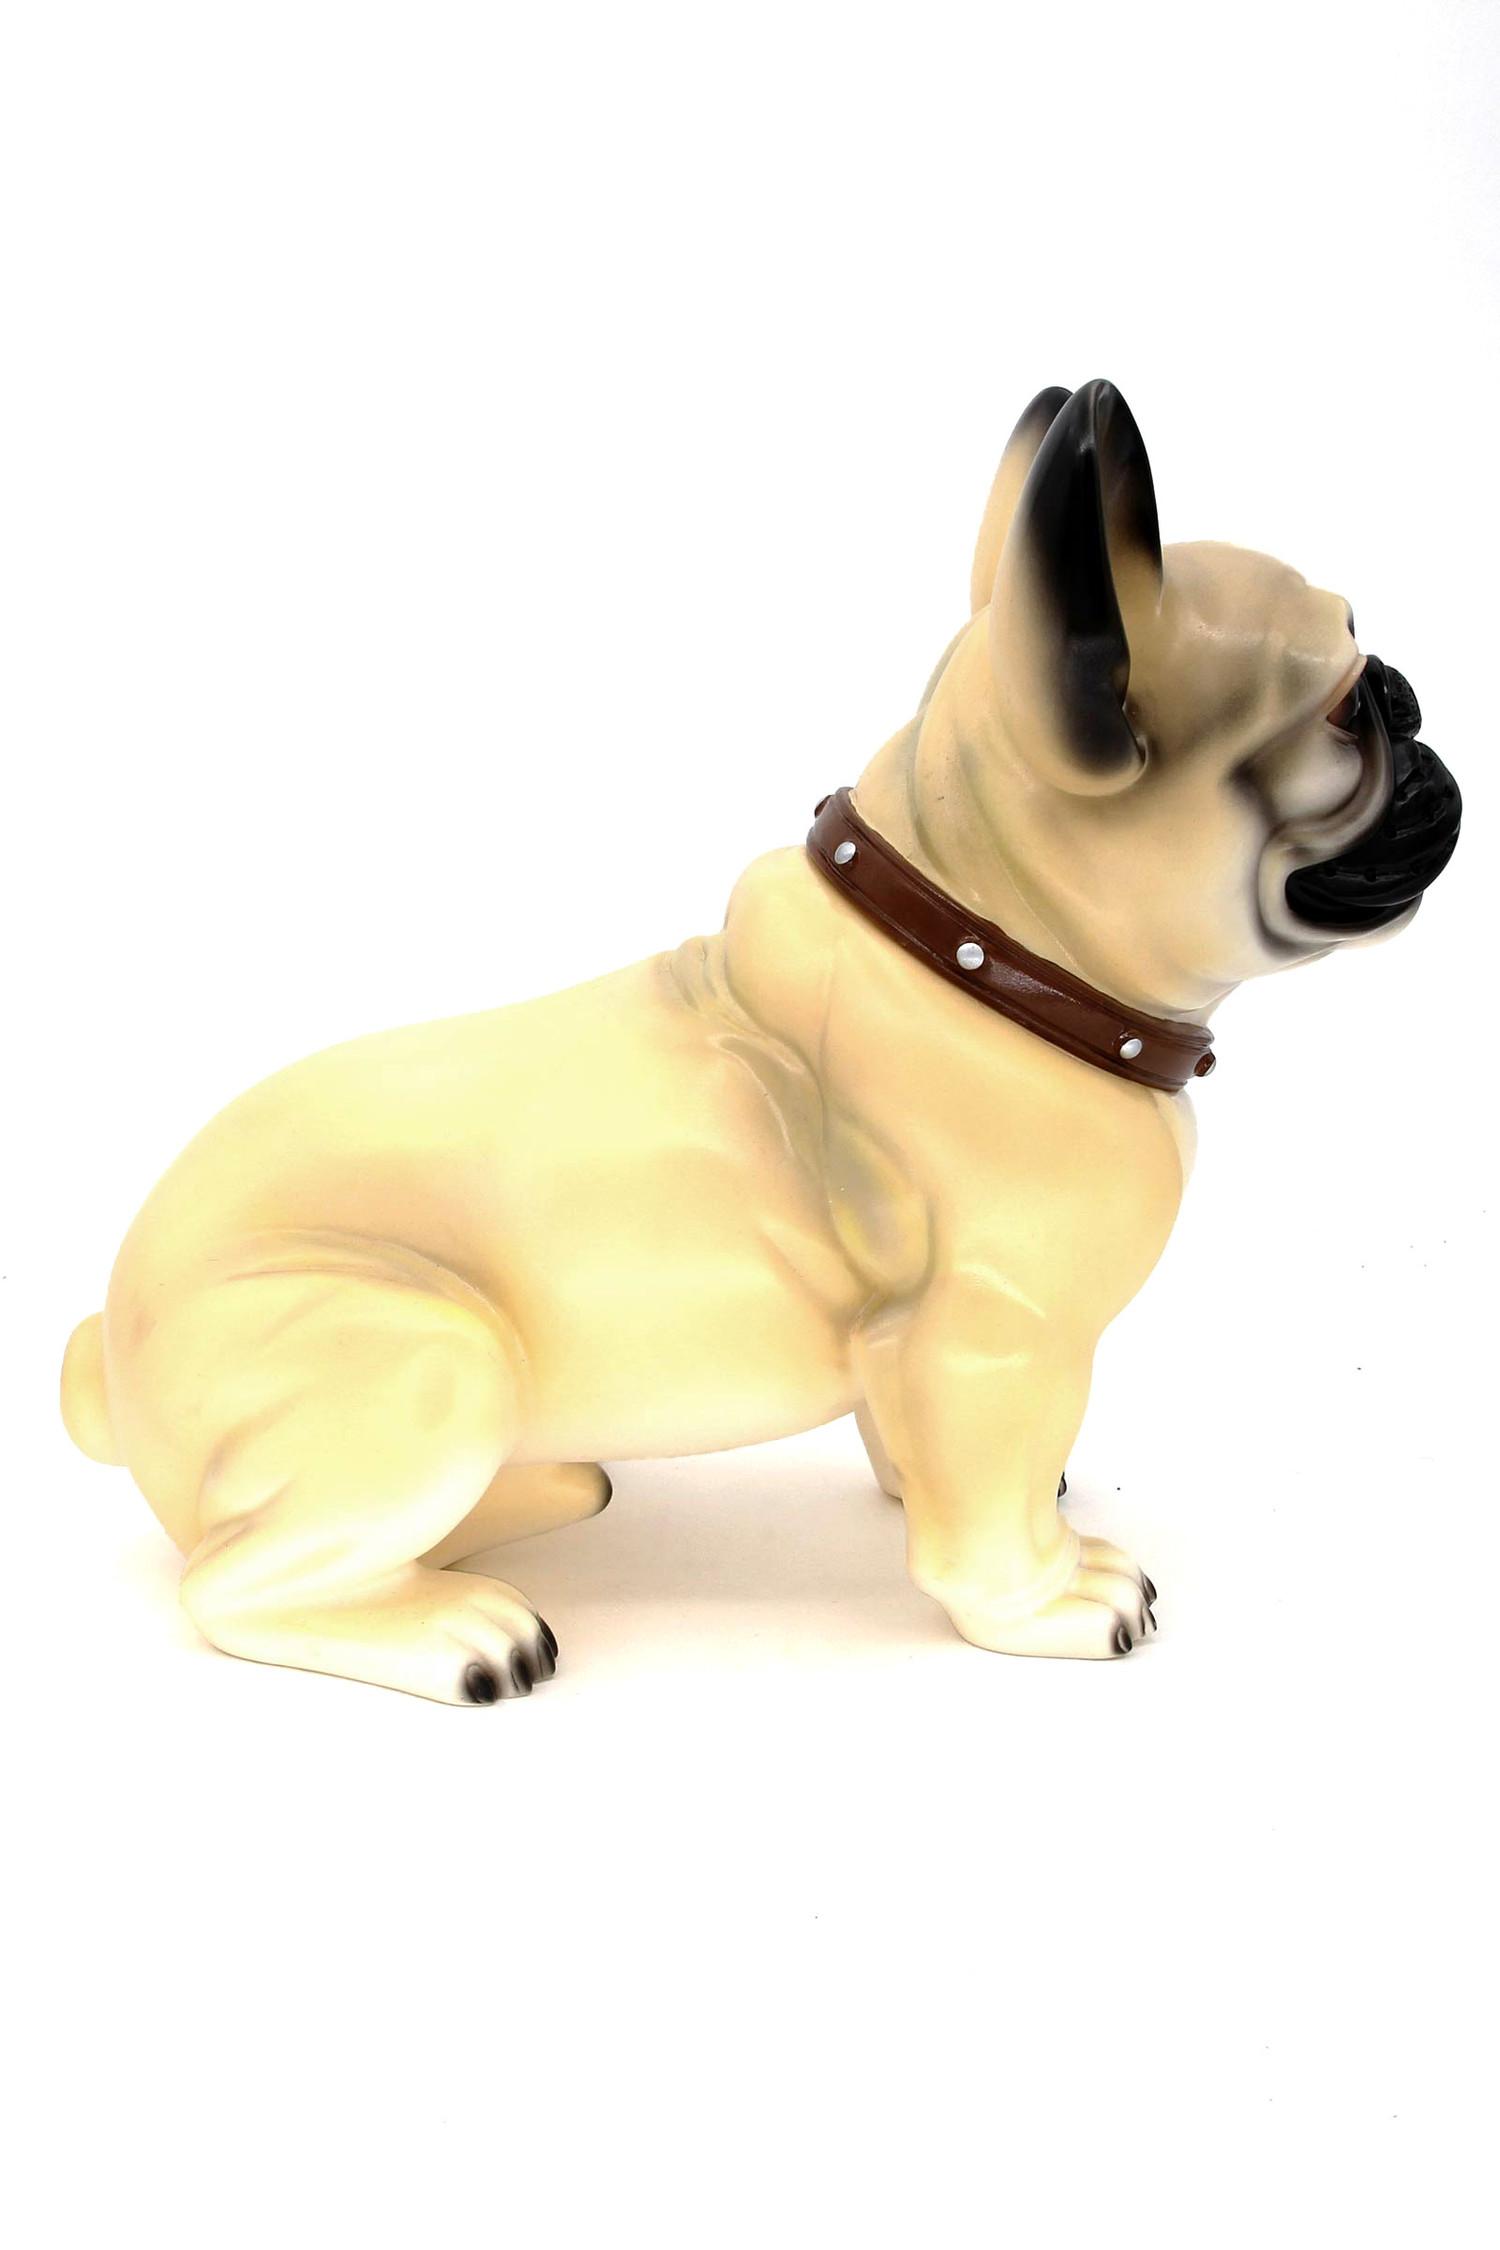 Light Tan Bulldog Sitting Life Like Model Effigy